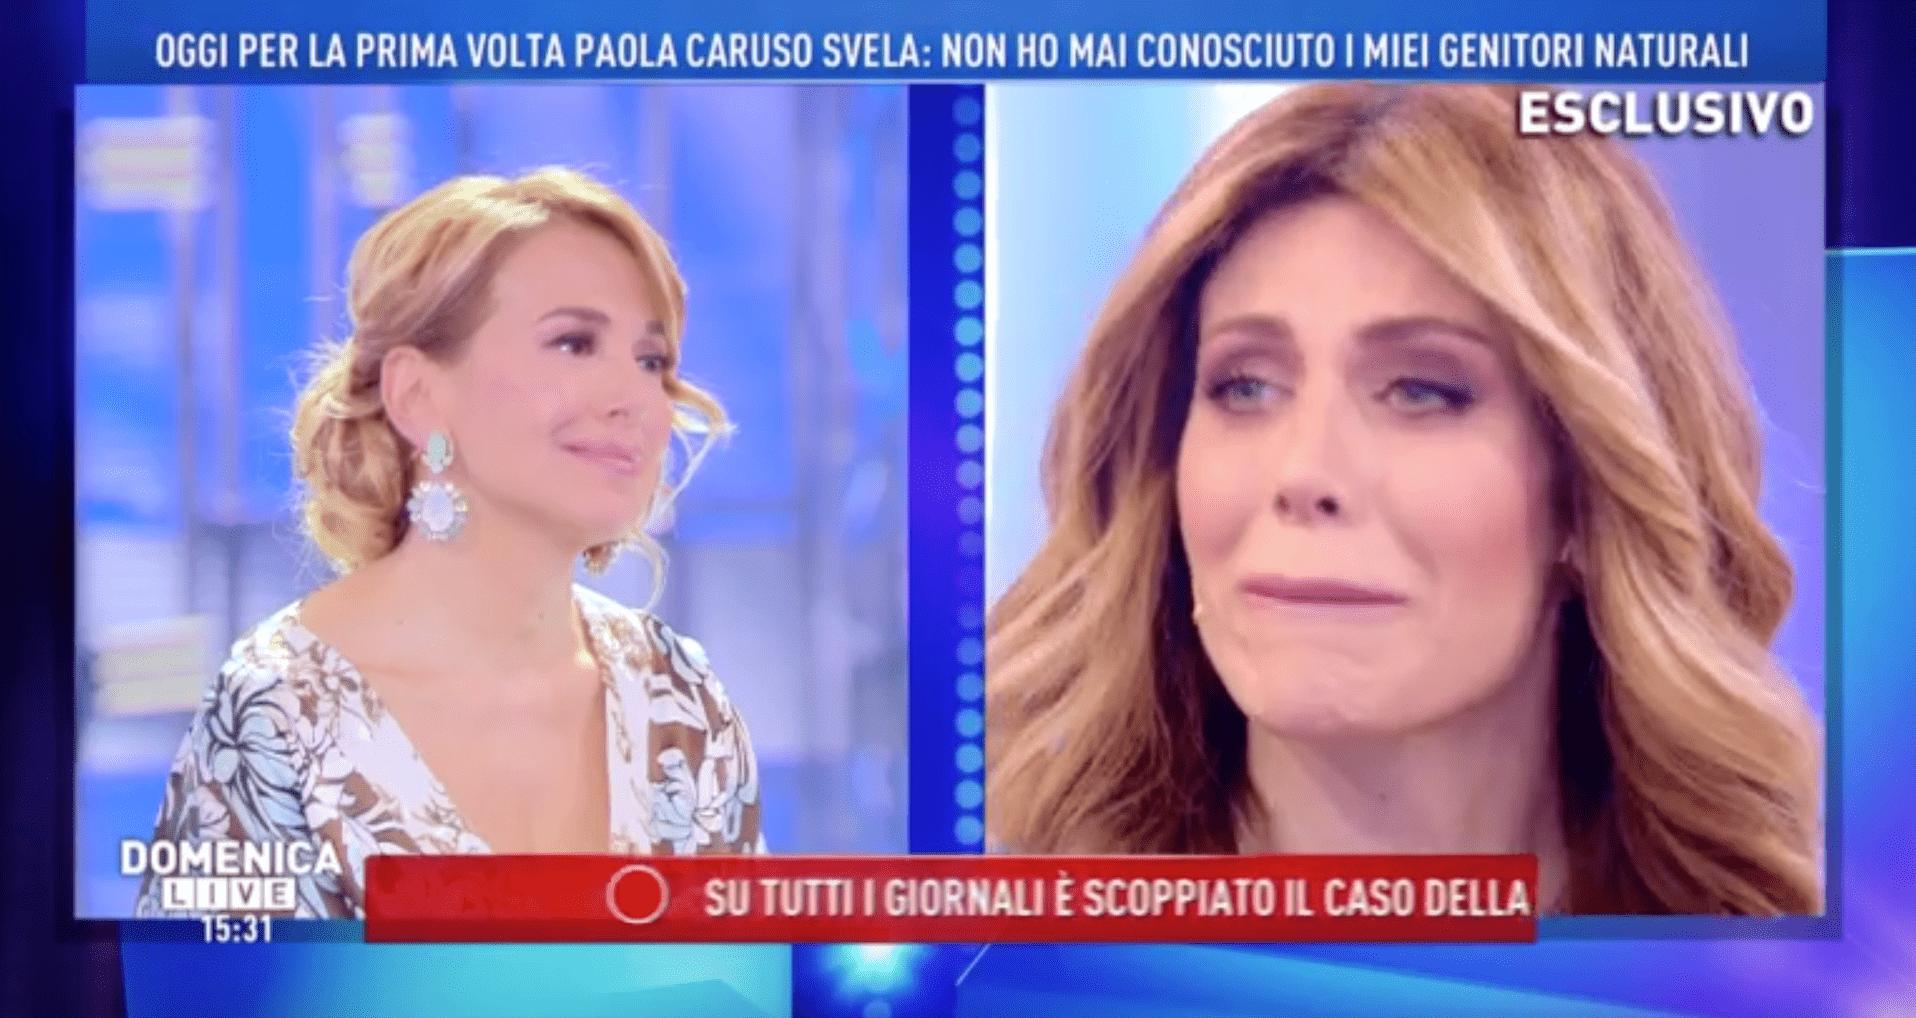 Paola Caruso a Domenica Live: 'Sono stata adottata, l'ho scoperto a 13 anni'